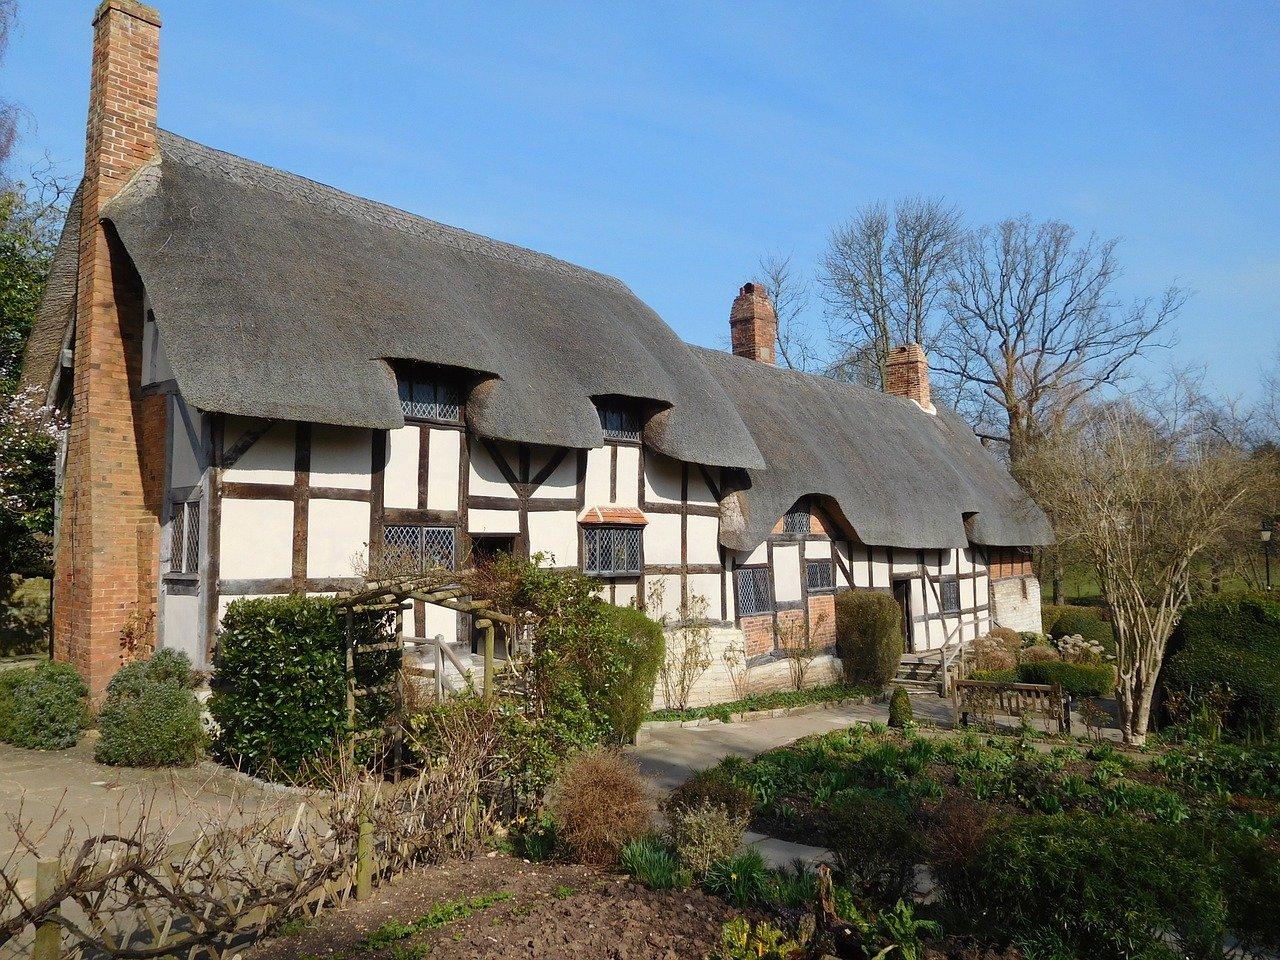 Stratford upon Avon Anne Hathaways Cottage